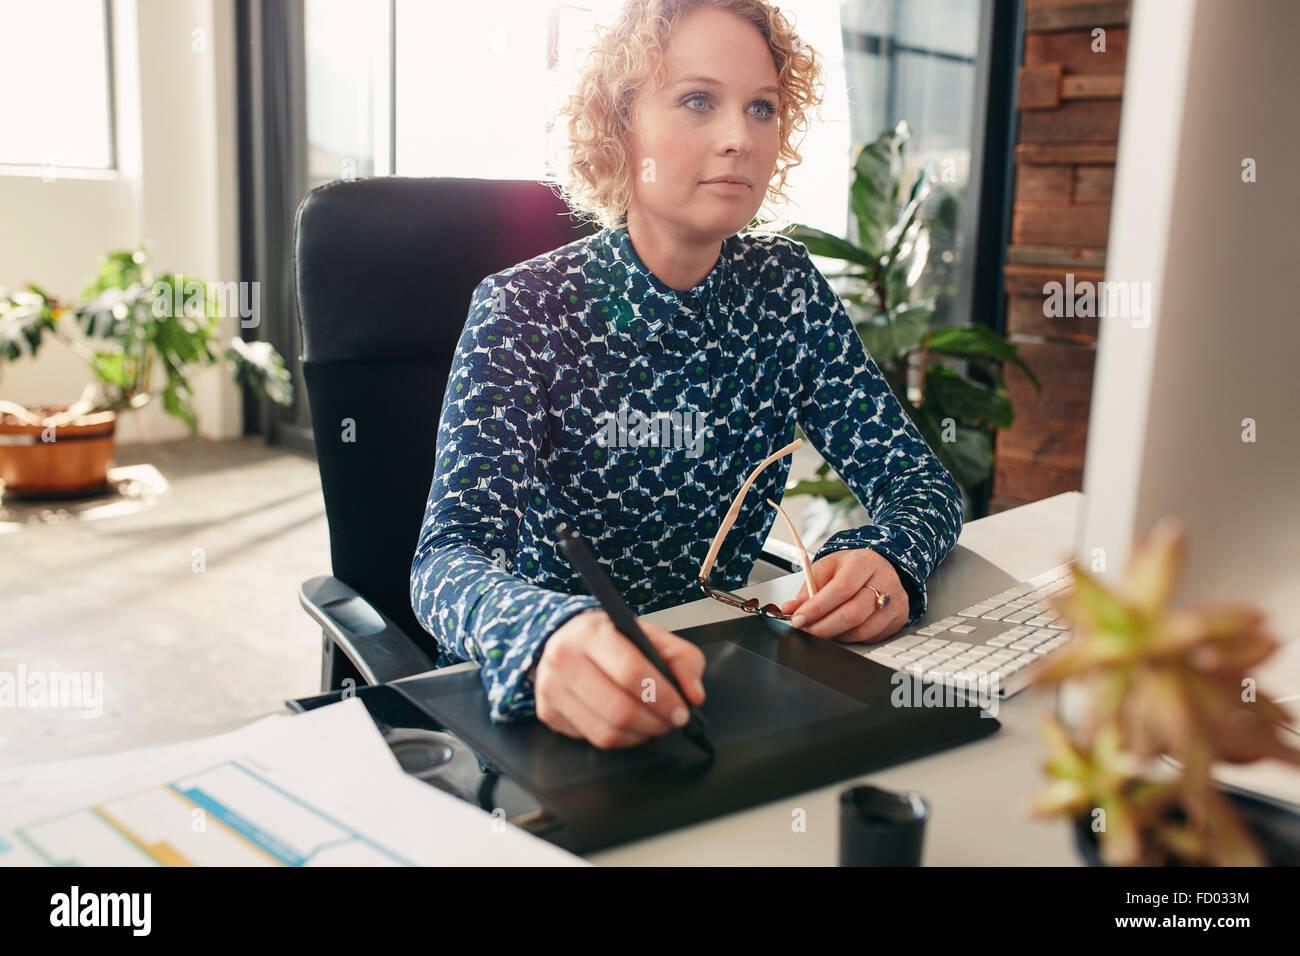 Junge weibliche Editor mit Grafiktablett an ihrem Schreibtisch im Büro arbeiten. Professionelle Grafik-Designer Stockbild